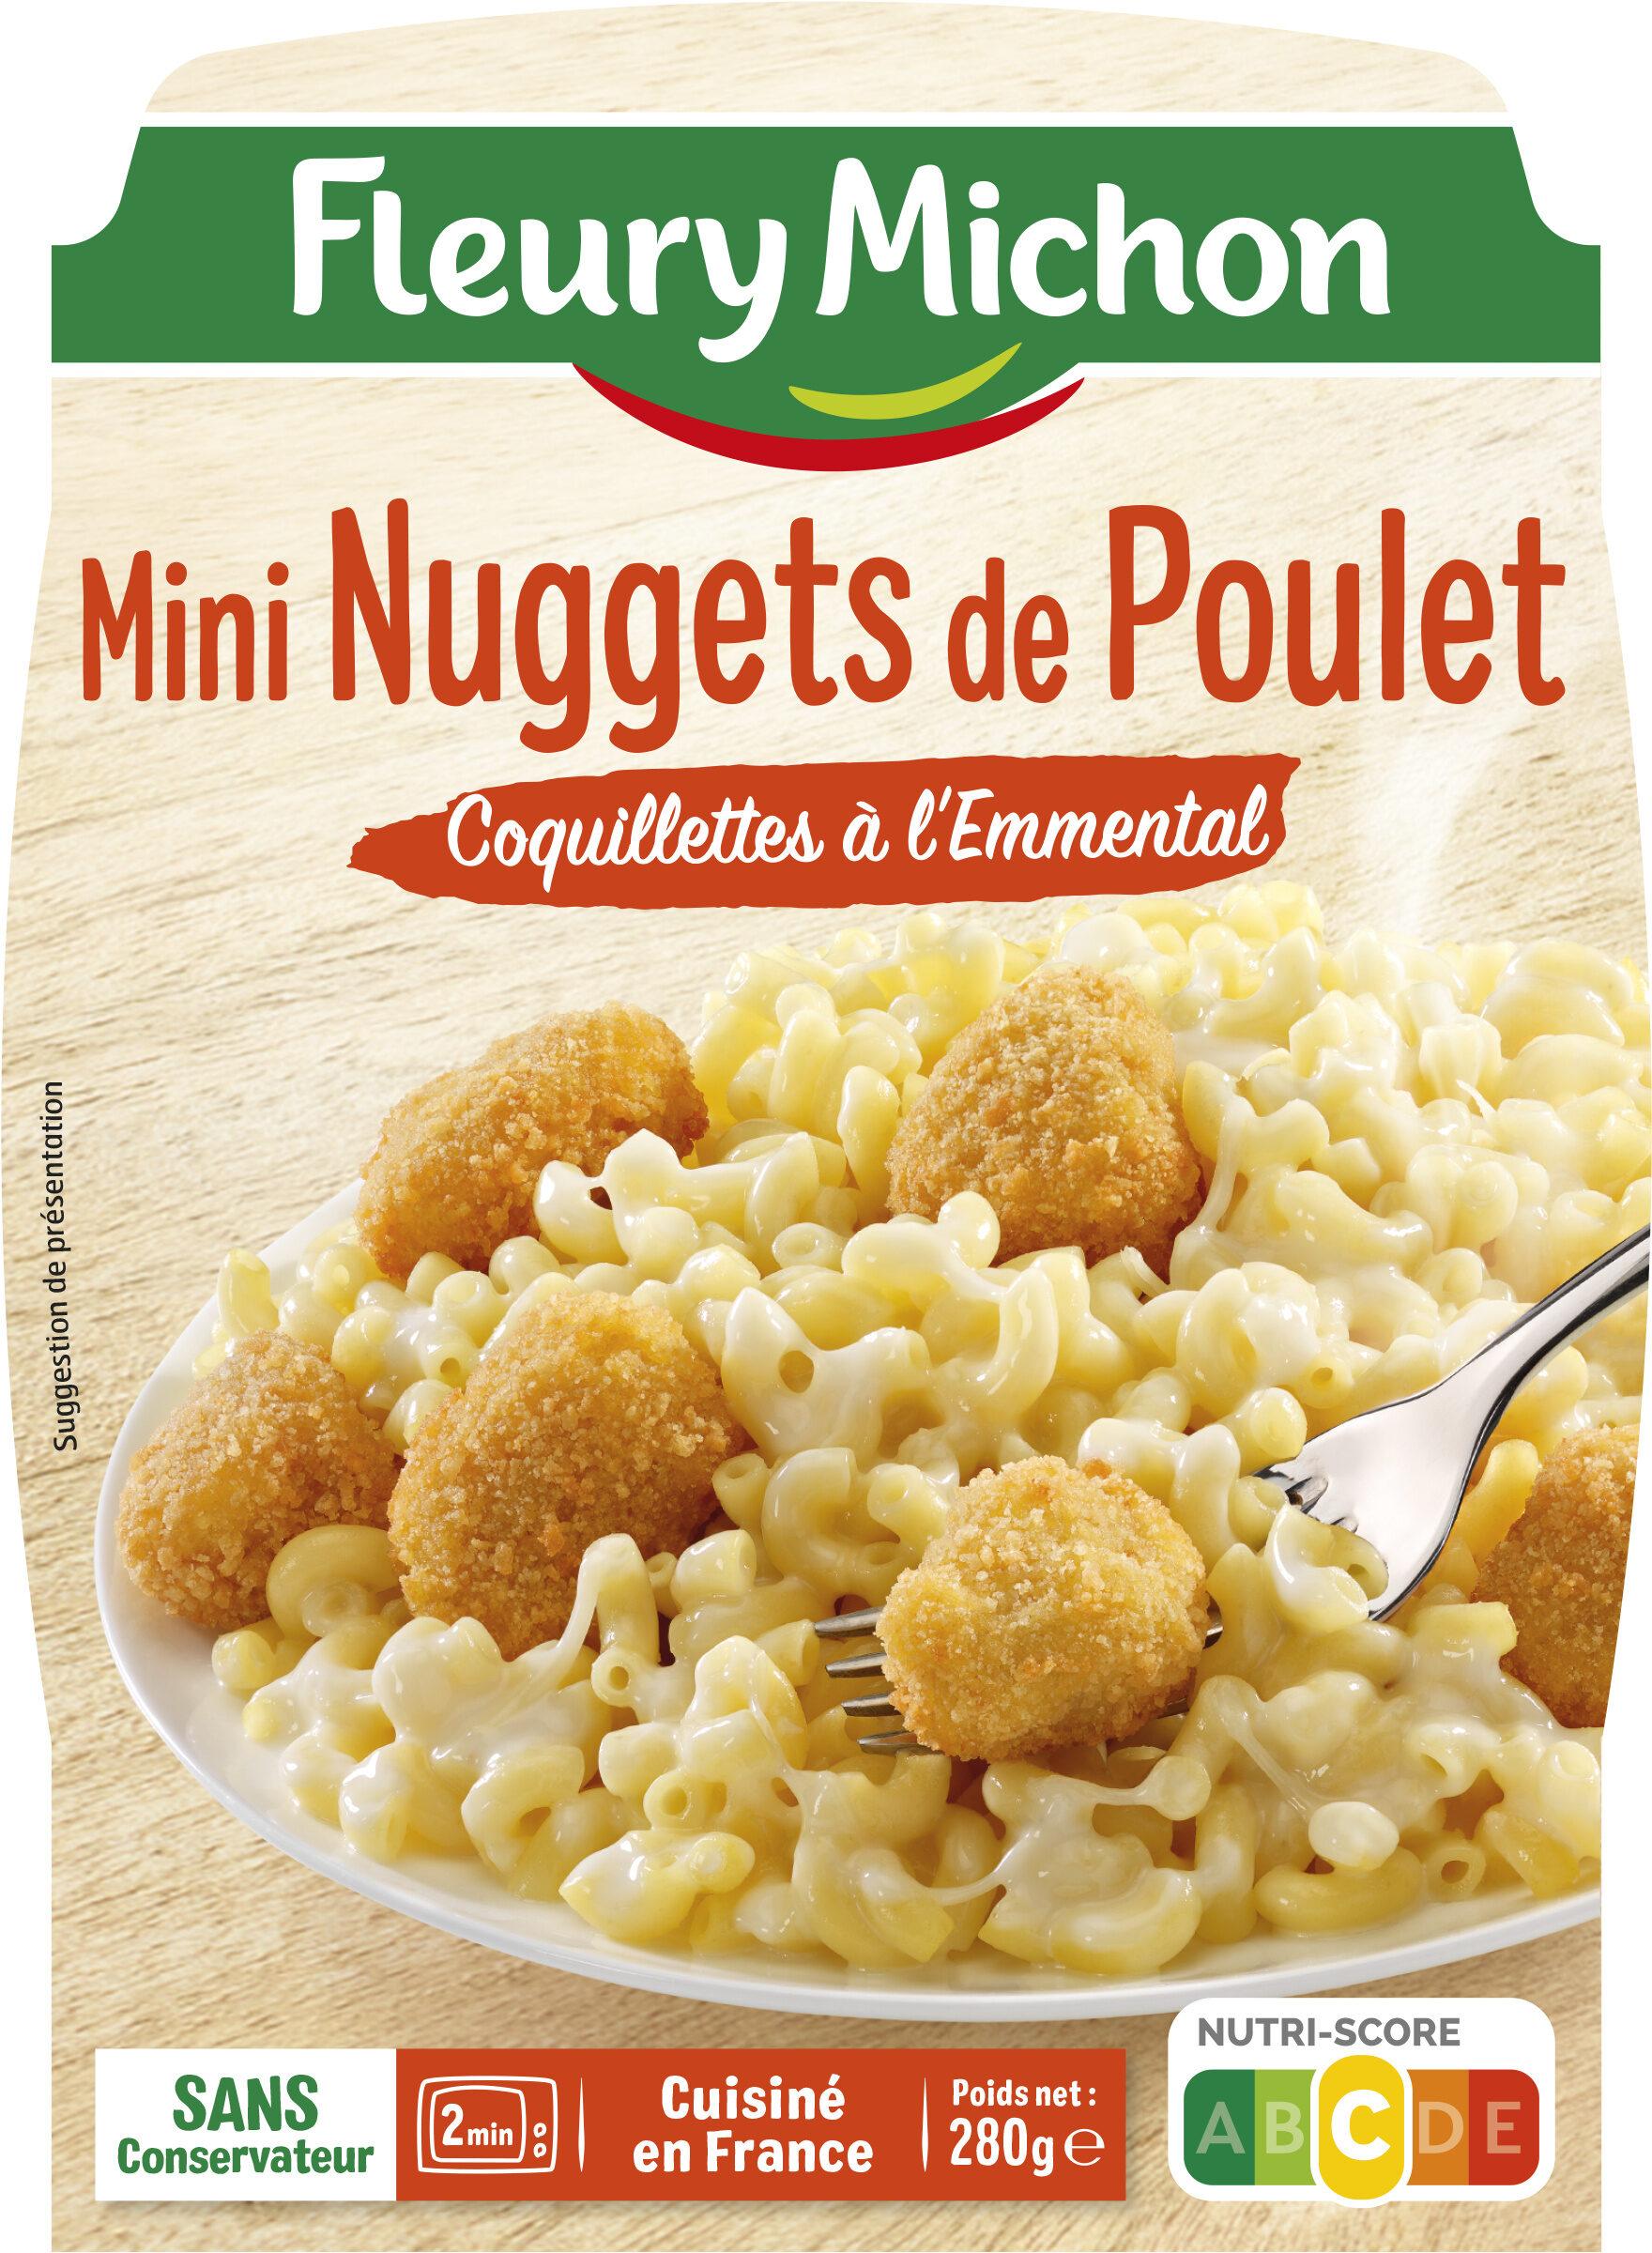 Mini Nuggets de Poulet Coquillettes à l'Emmental - Product